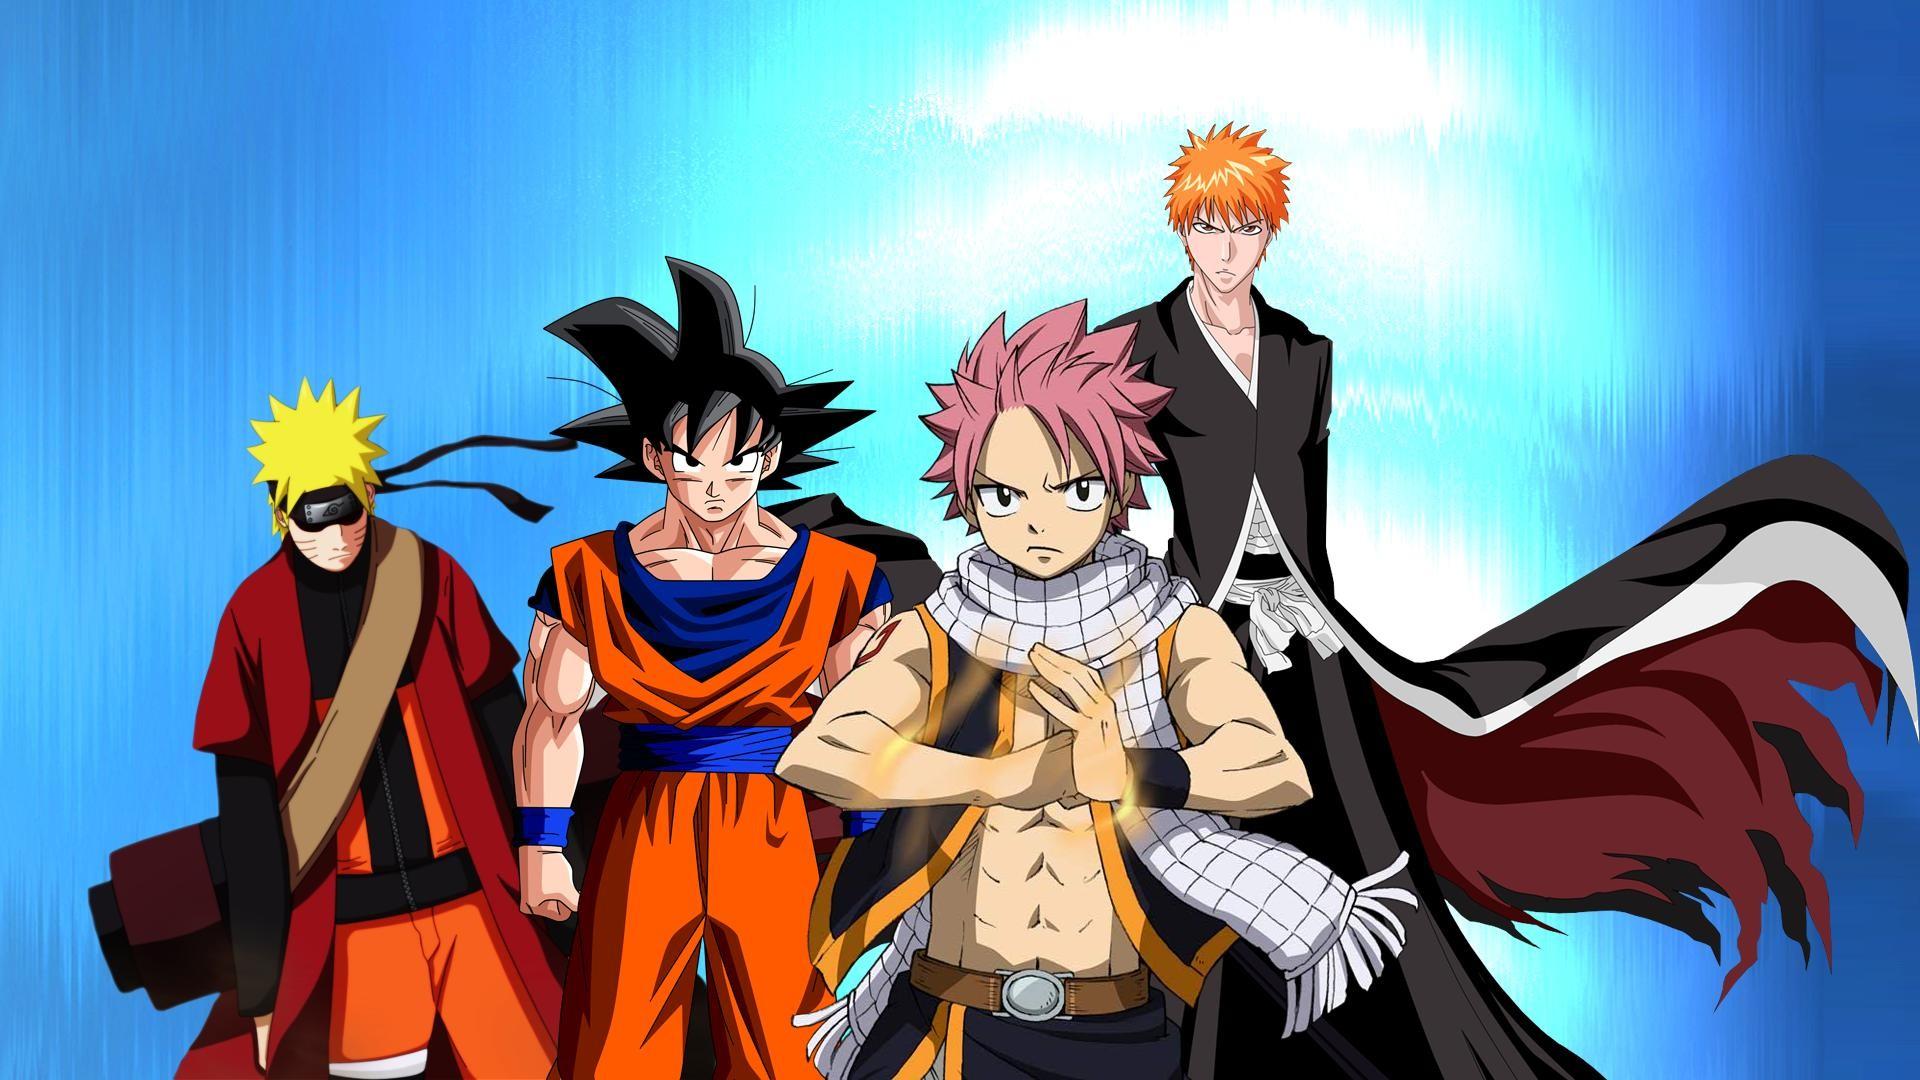 Goku Naruto Ichigo Natsu Cartoon HD Wallpaper   New HD Wallpapers 1920x1080